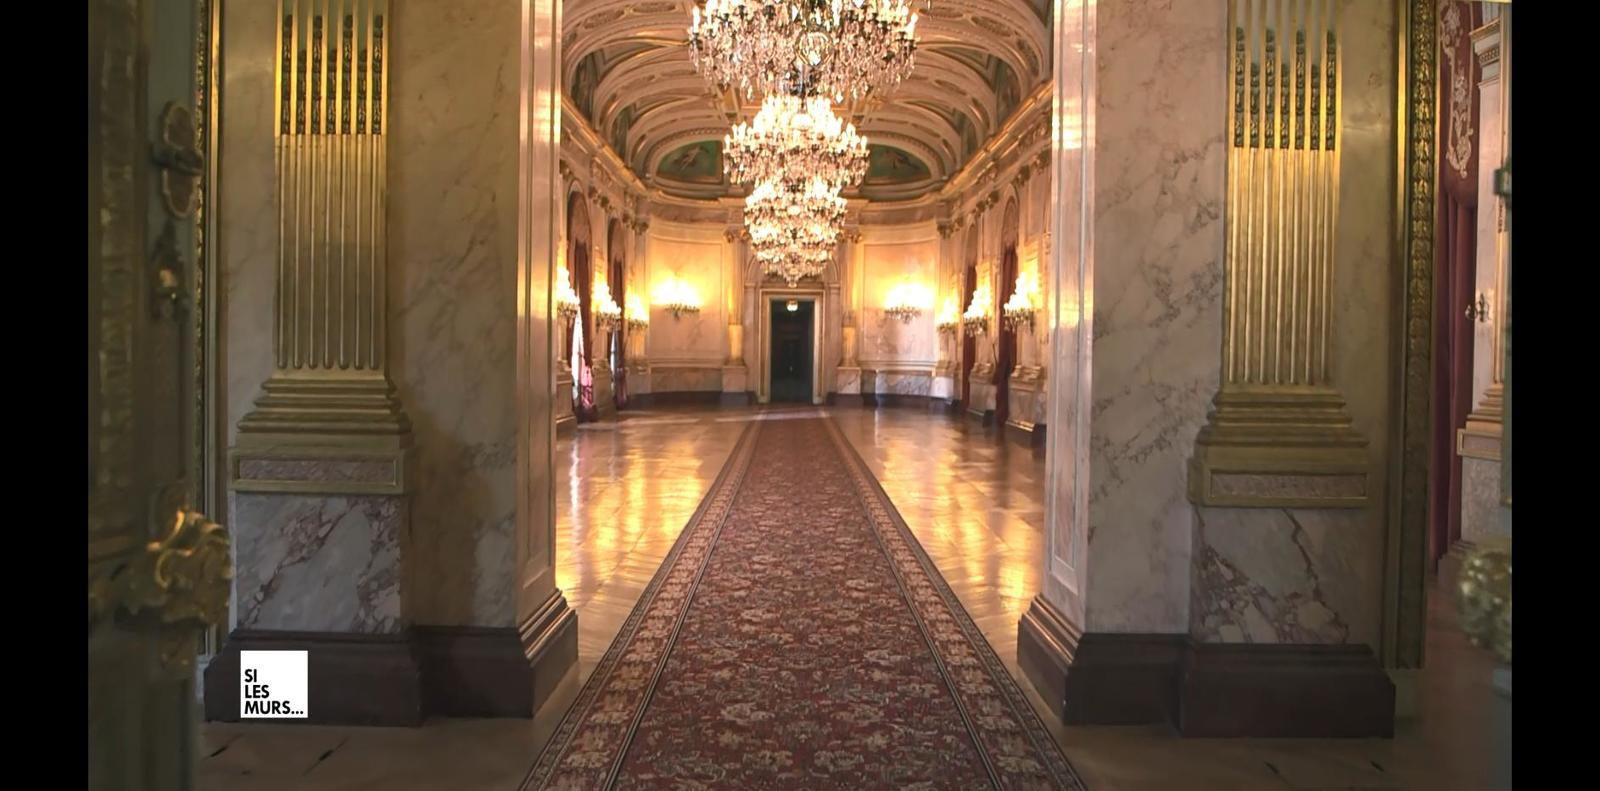 Si les murs du Palais Bourbon pouvaient parler : document inédit ce 11 août sur France 2.